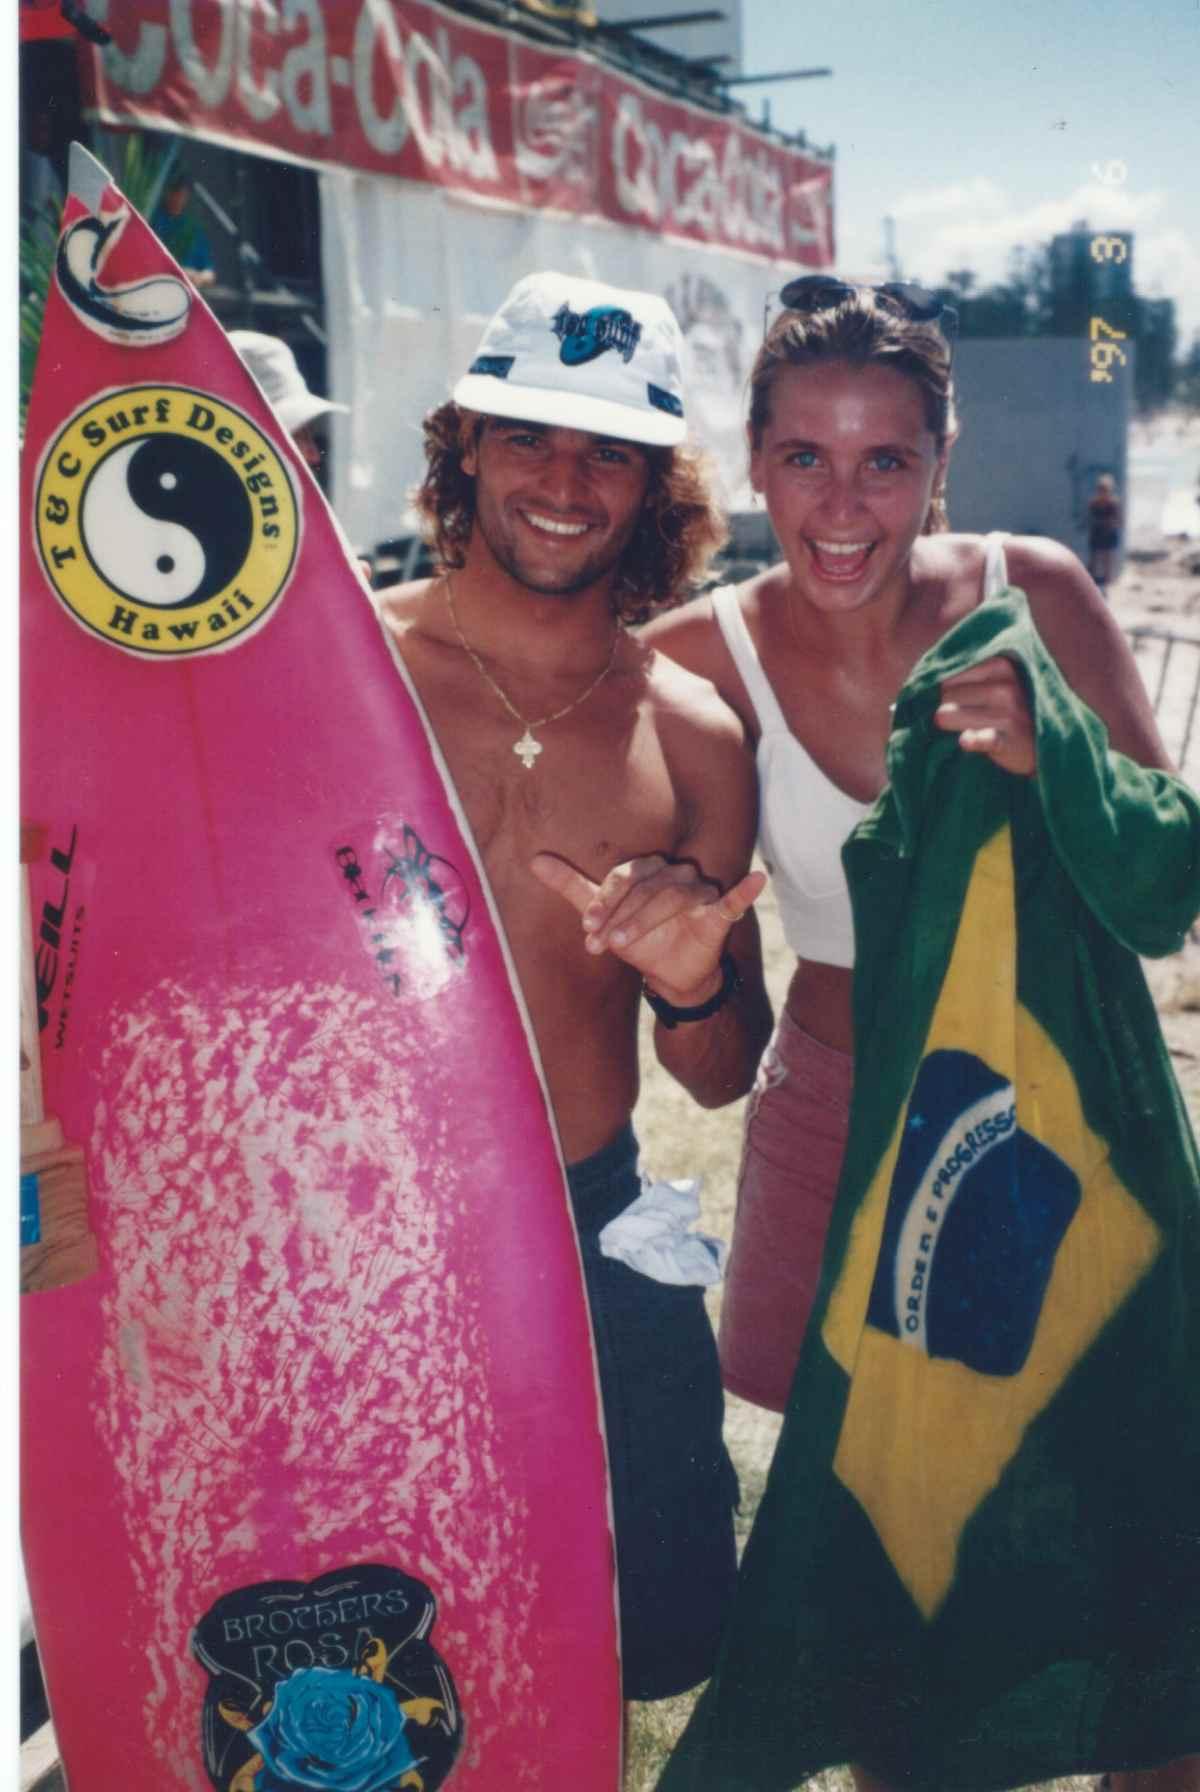 Campeonato de Surf Australia1-min